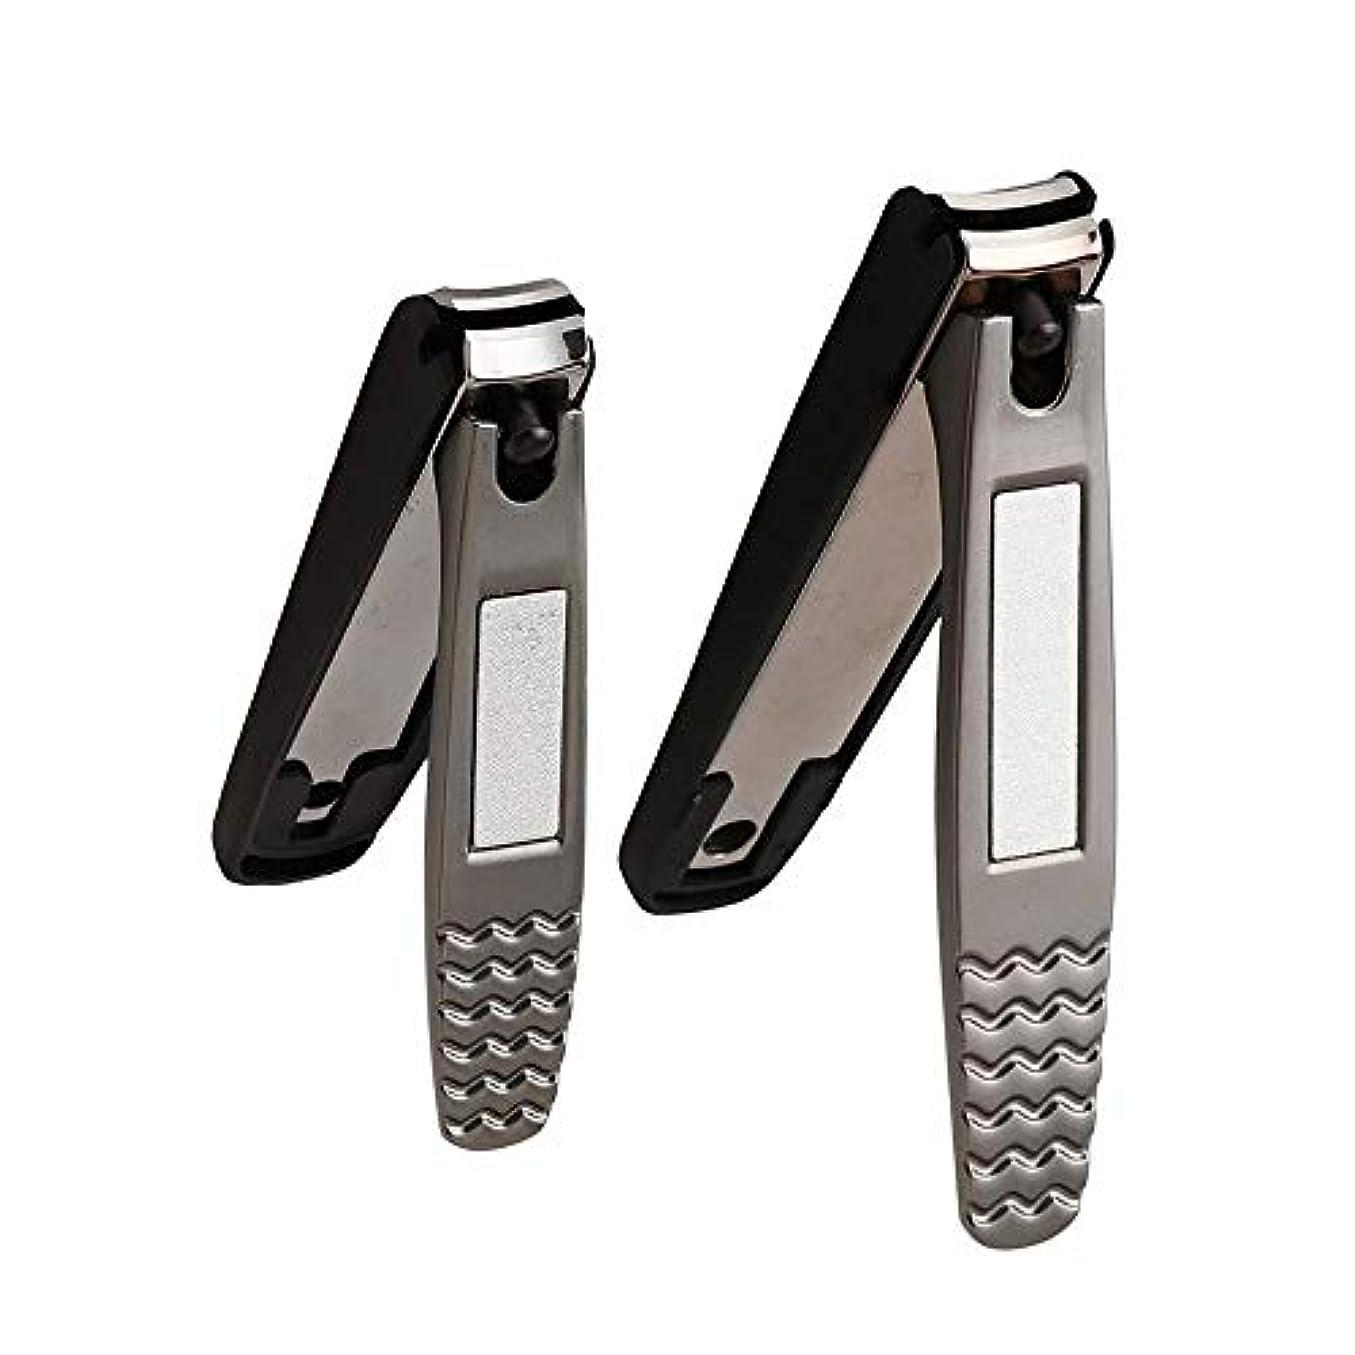 鉱夫苦しめる立ち寄る爪切り 高級 飛び散り防止爪切り金属ケース 用などに対応可能家庭用/介護用/医療